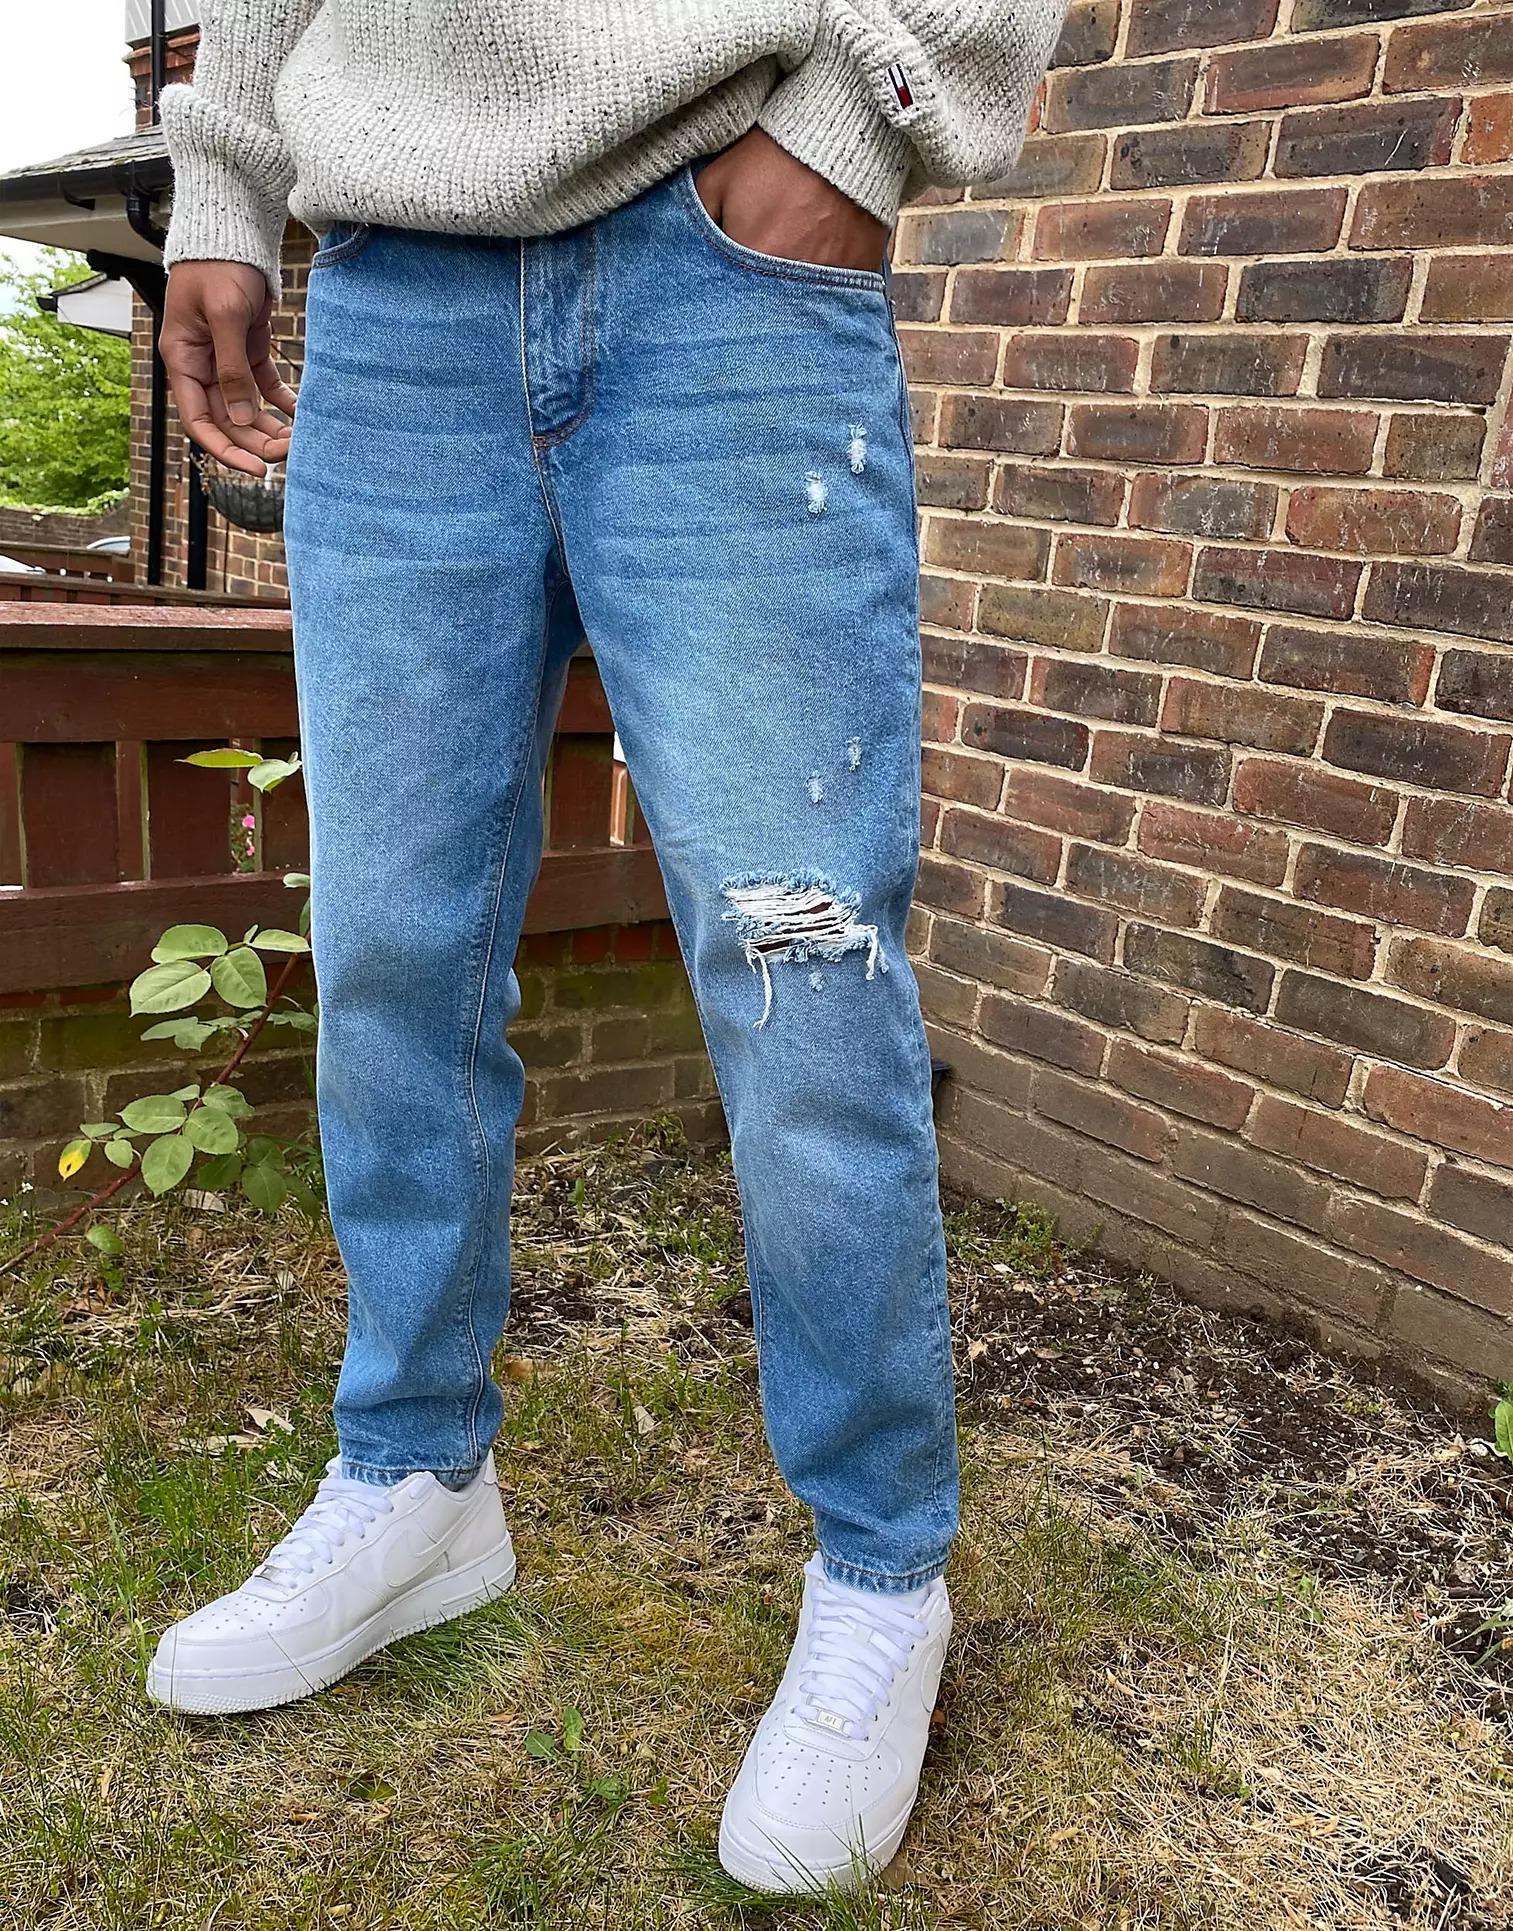 ASOS DESIGN Classic Rigid Jeans